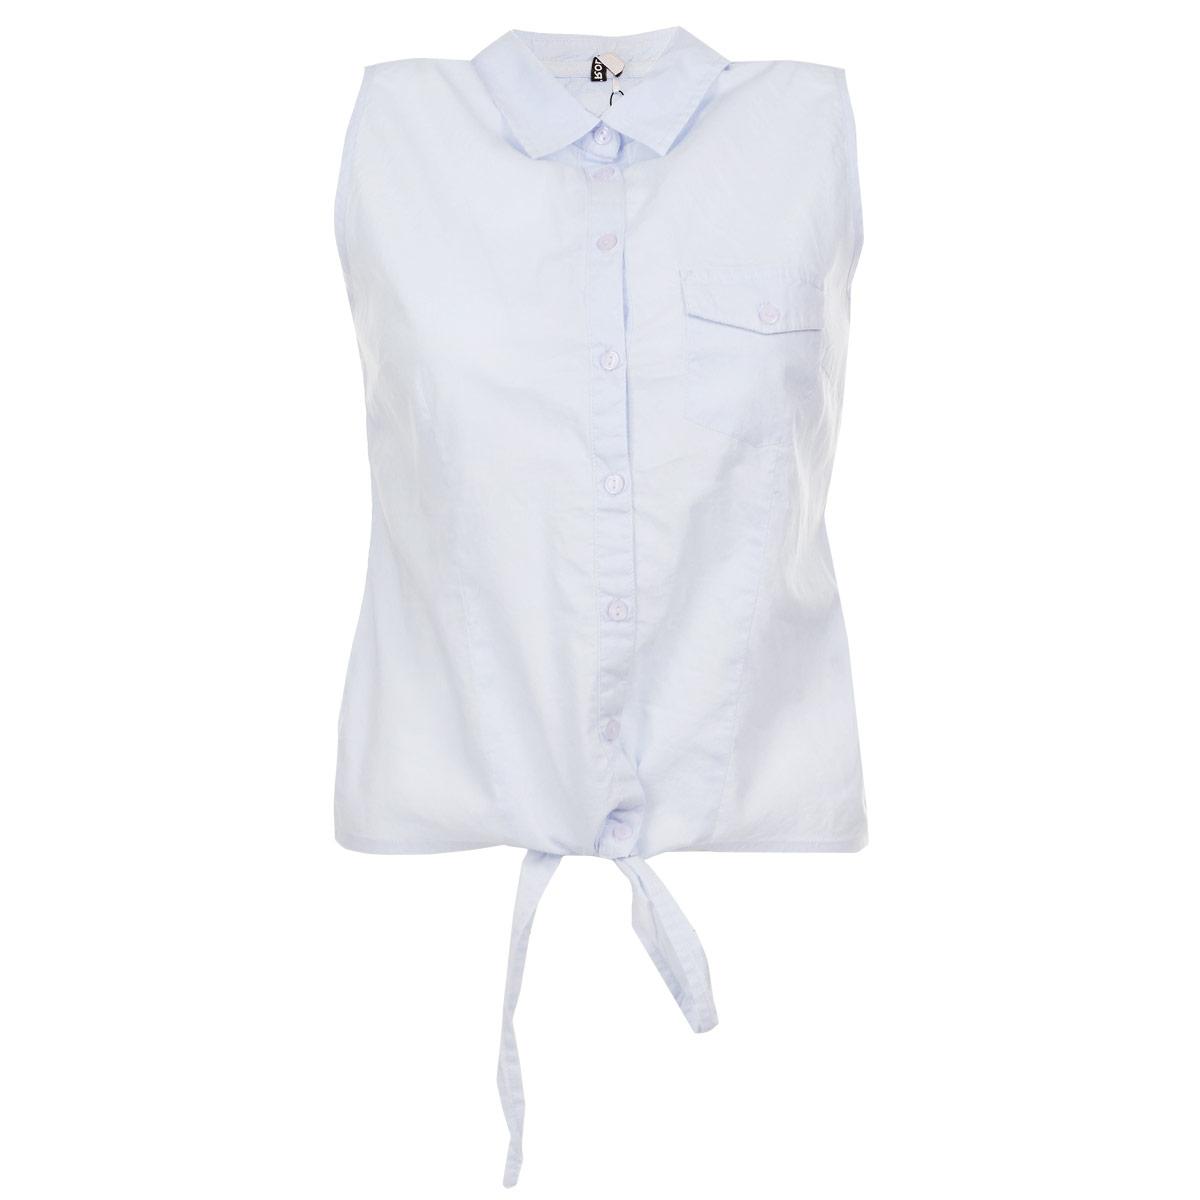 БлузкаTBW0062BLСтильная женская блуза Troll, выполненная из высококачественного материала, обладает высокой теплопроводностью, воздухопроницаемостью и гигроскопичностью, позволяет коже дышать, тем самым обеспечивая наибольший комфорт при носке. Модная блузка без рукавов свободного покроя с отложным воротником поможет вам создать неповторимый образ в стиле Casual. Однотонная блуза великолепно сочетается с любыми нарядами. Модель дополнена накладным карманом на груди и застегивается на пуговицы. Низ блузки дополнен двумя завязками. Такая блузка будет дарить вам комфорт в течение всего дня и послужит замечательным дополнением к вашему гардеробу.